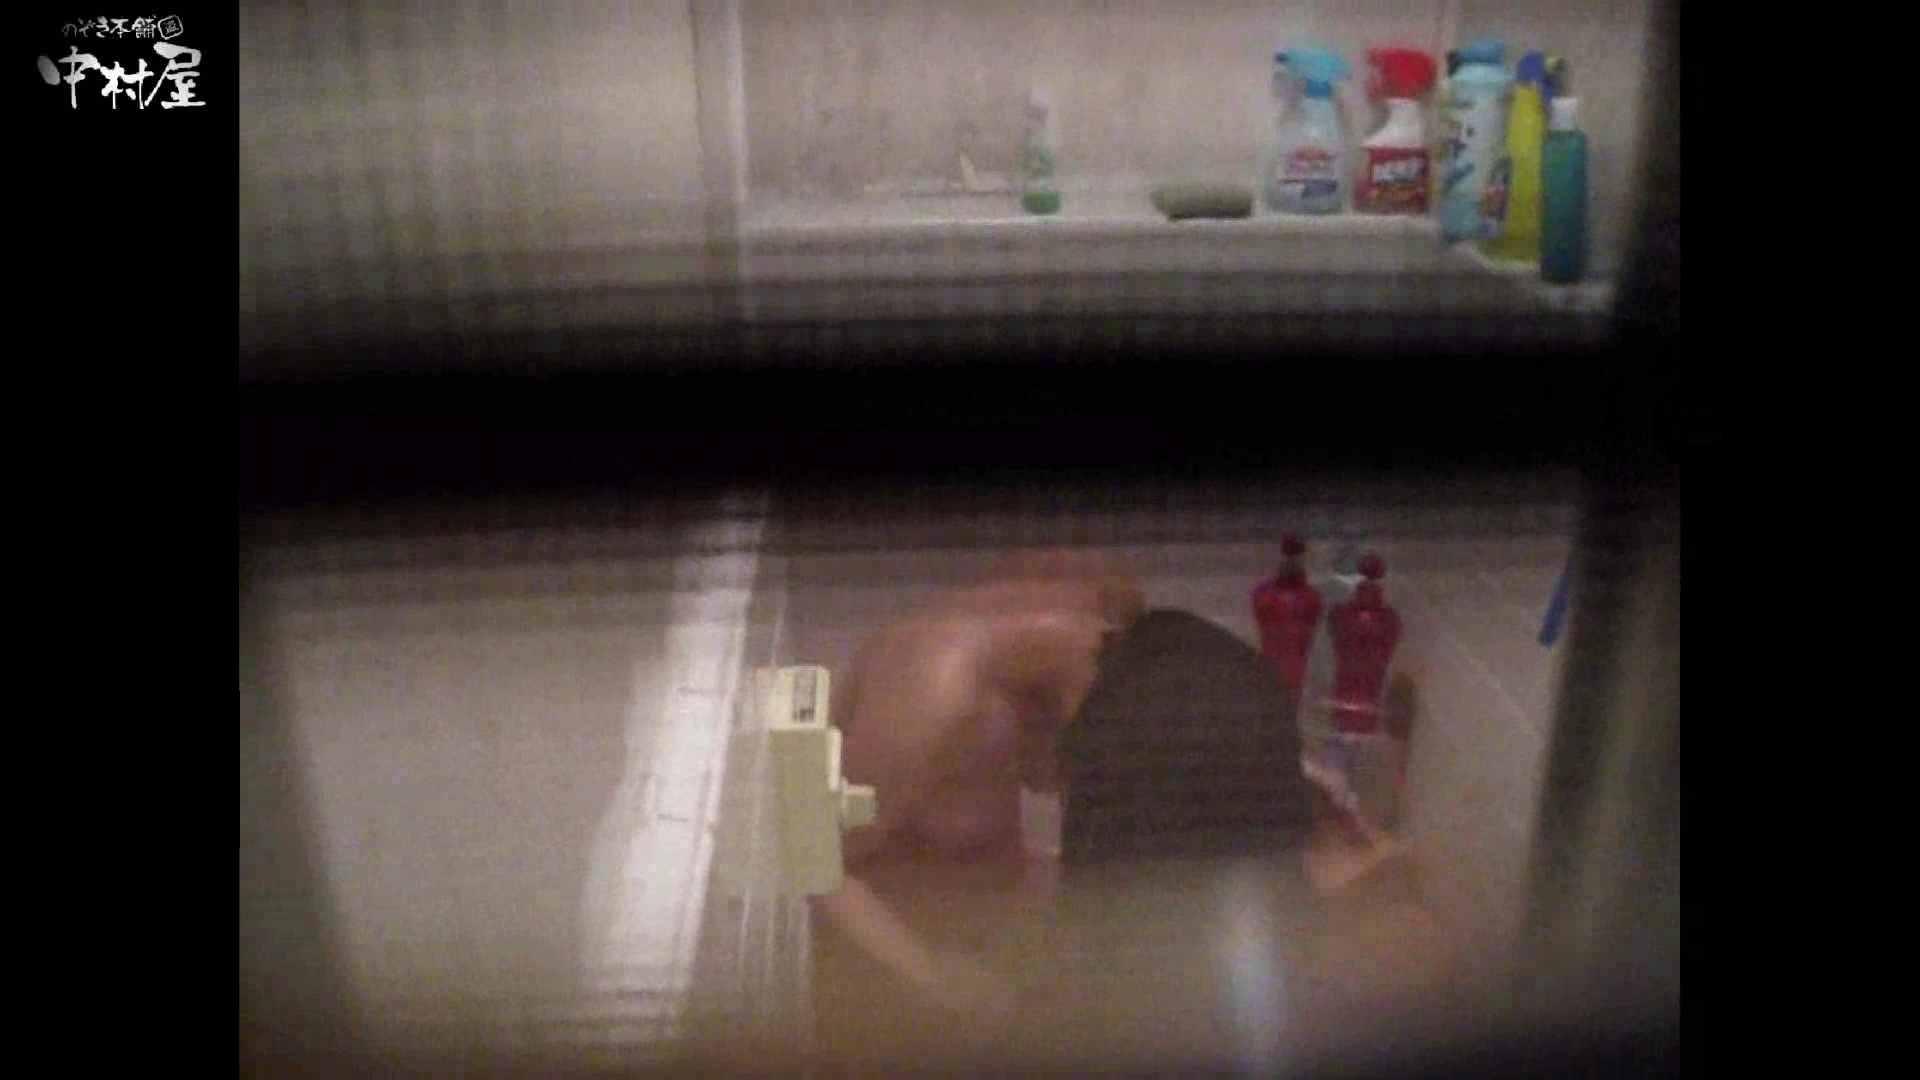 民家風呂専門盗撮師の超危険映像 vol.017 美少女エロ画像  93PICs 54